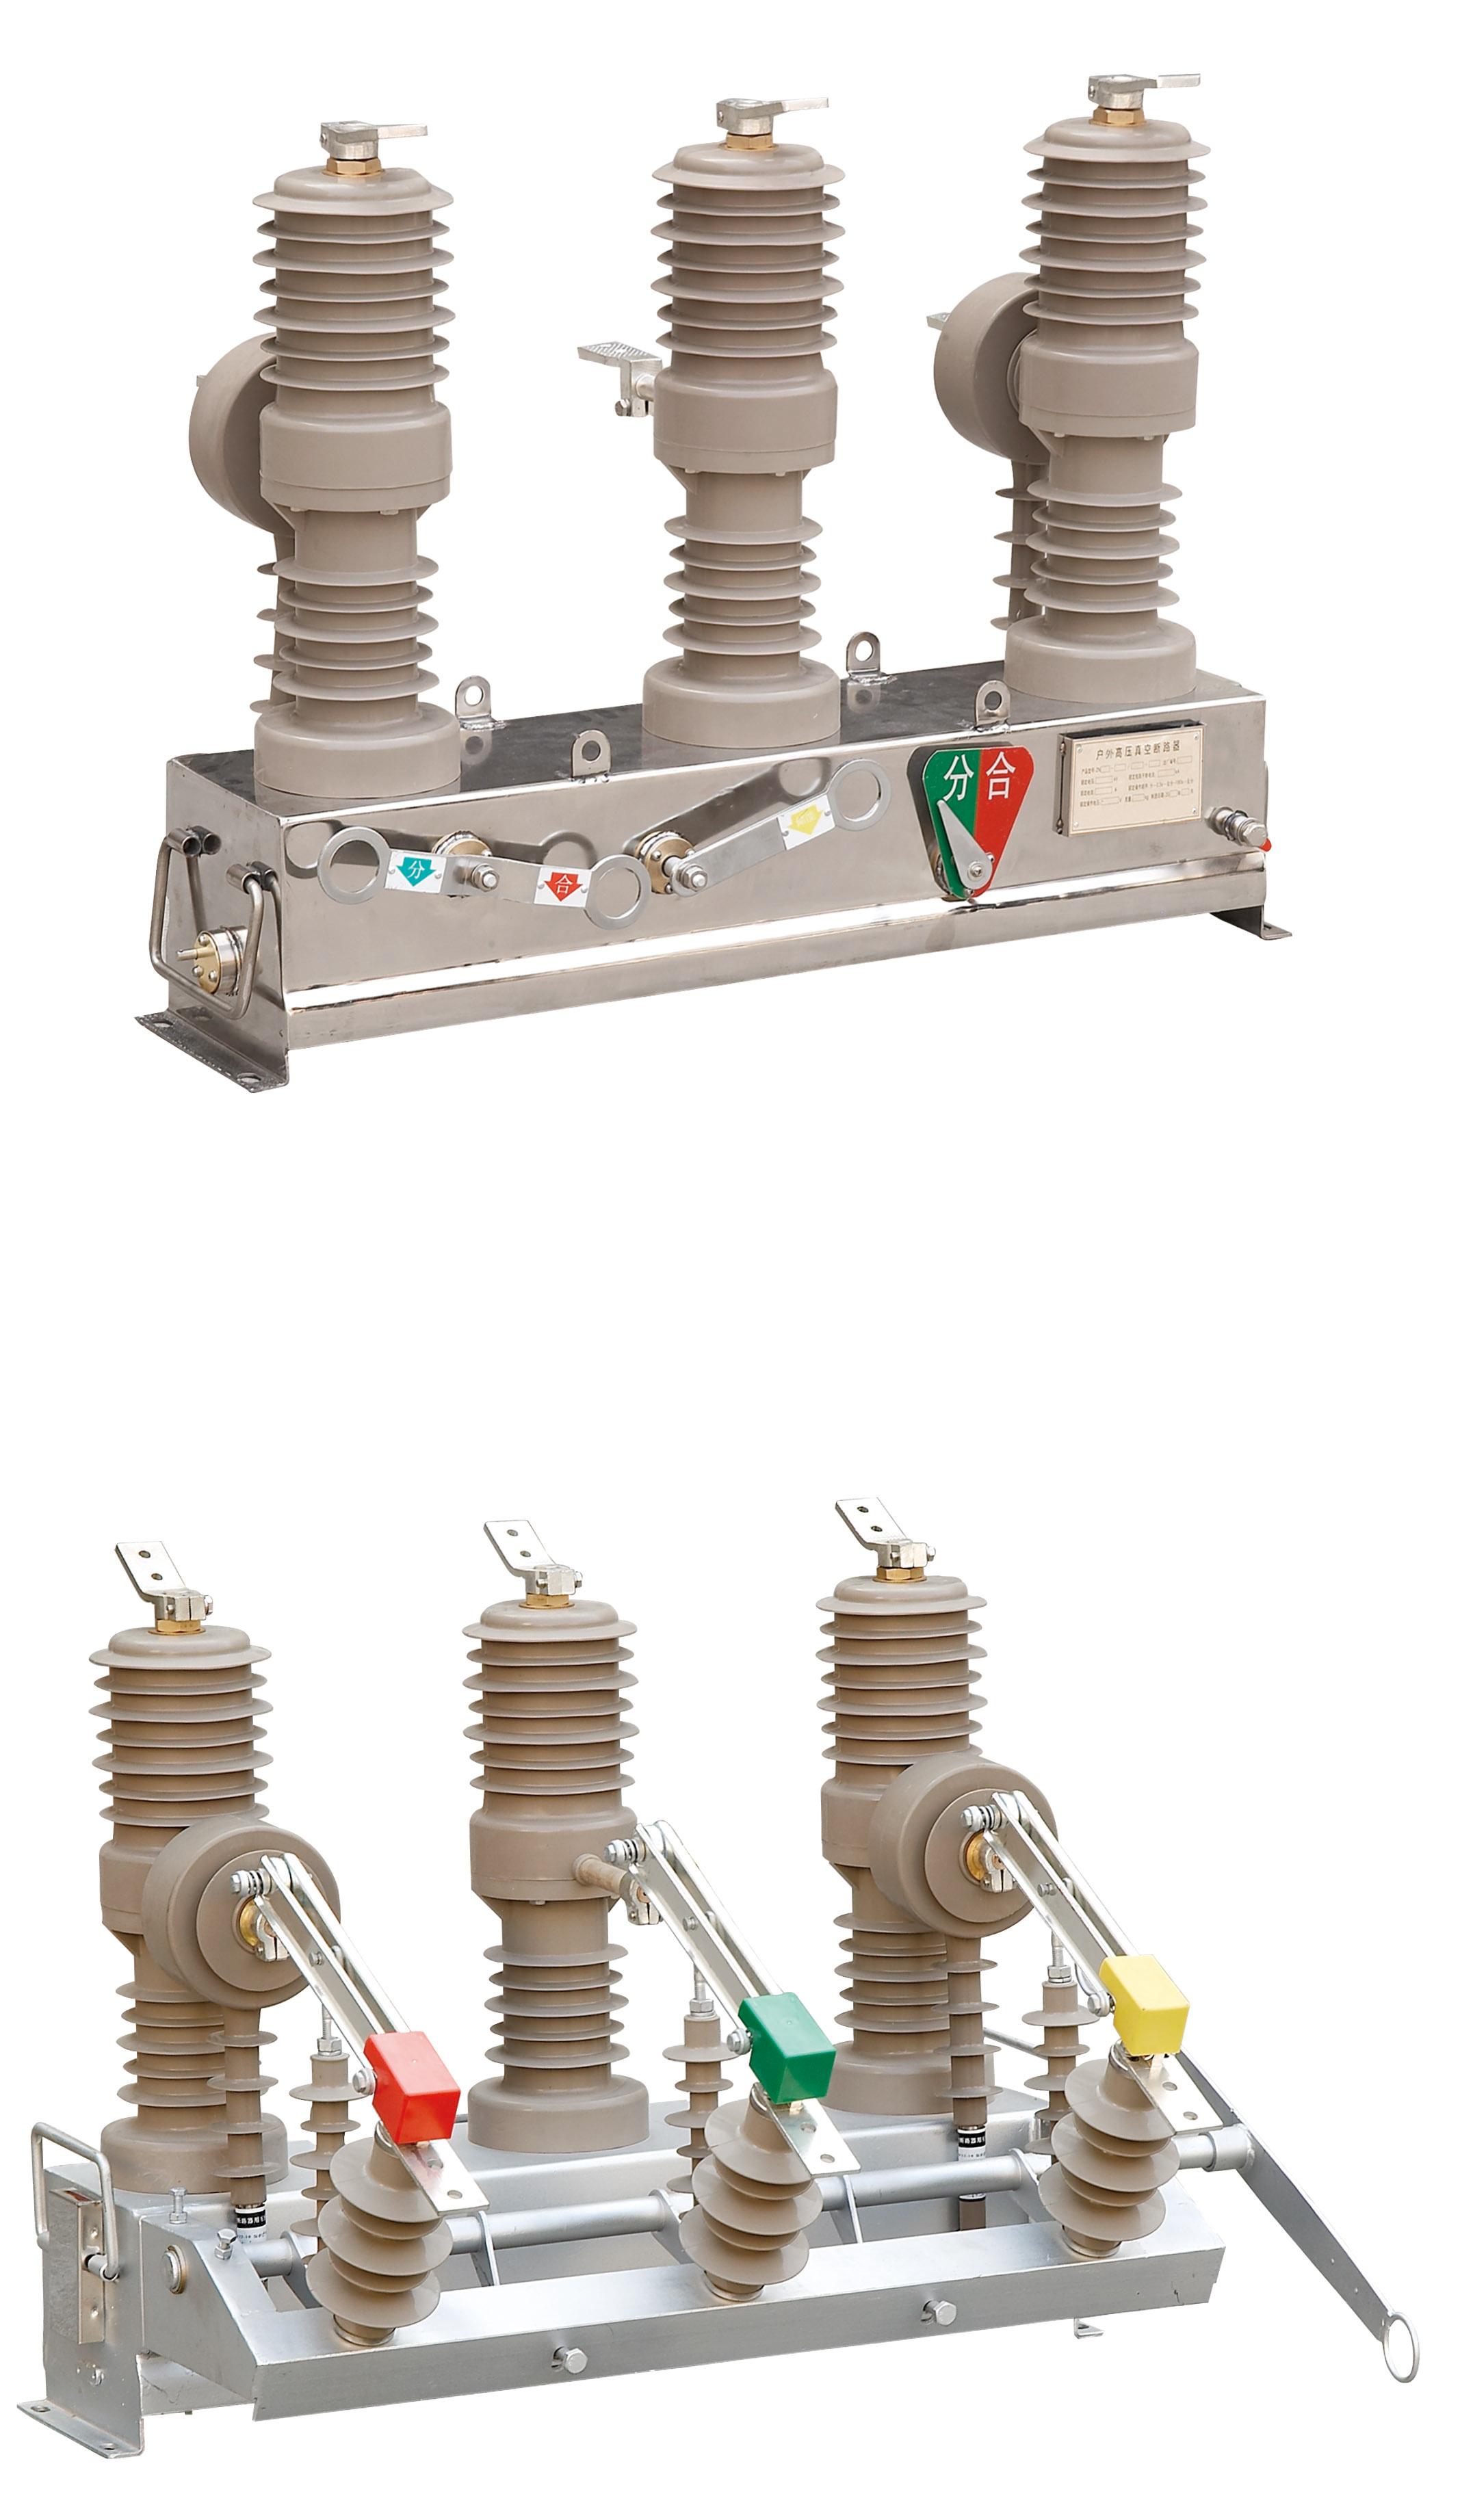 ZW32-12高压真空断路器厂家  河南户外断路器价格 户外断路器,柱上断路器,断路器价格,断路器厂家,智能断路器